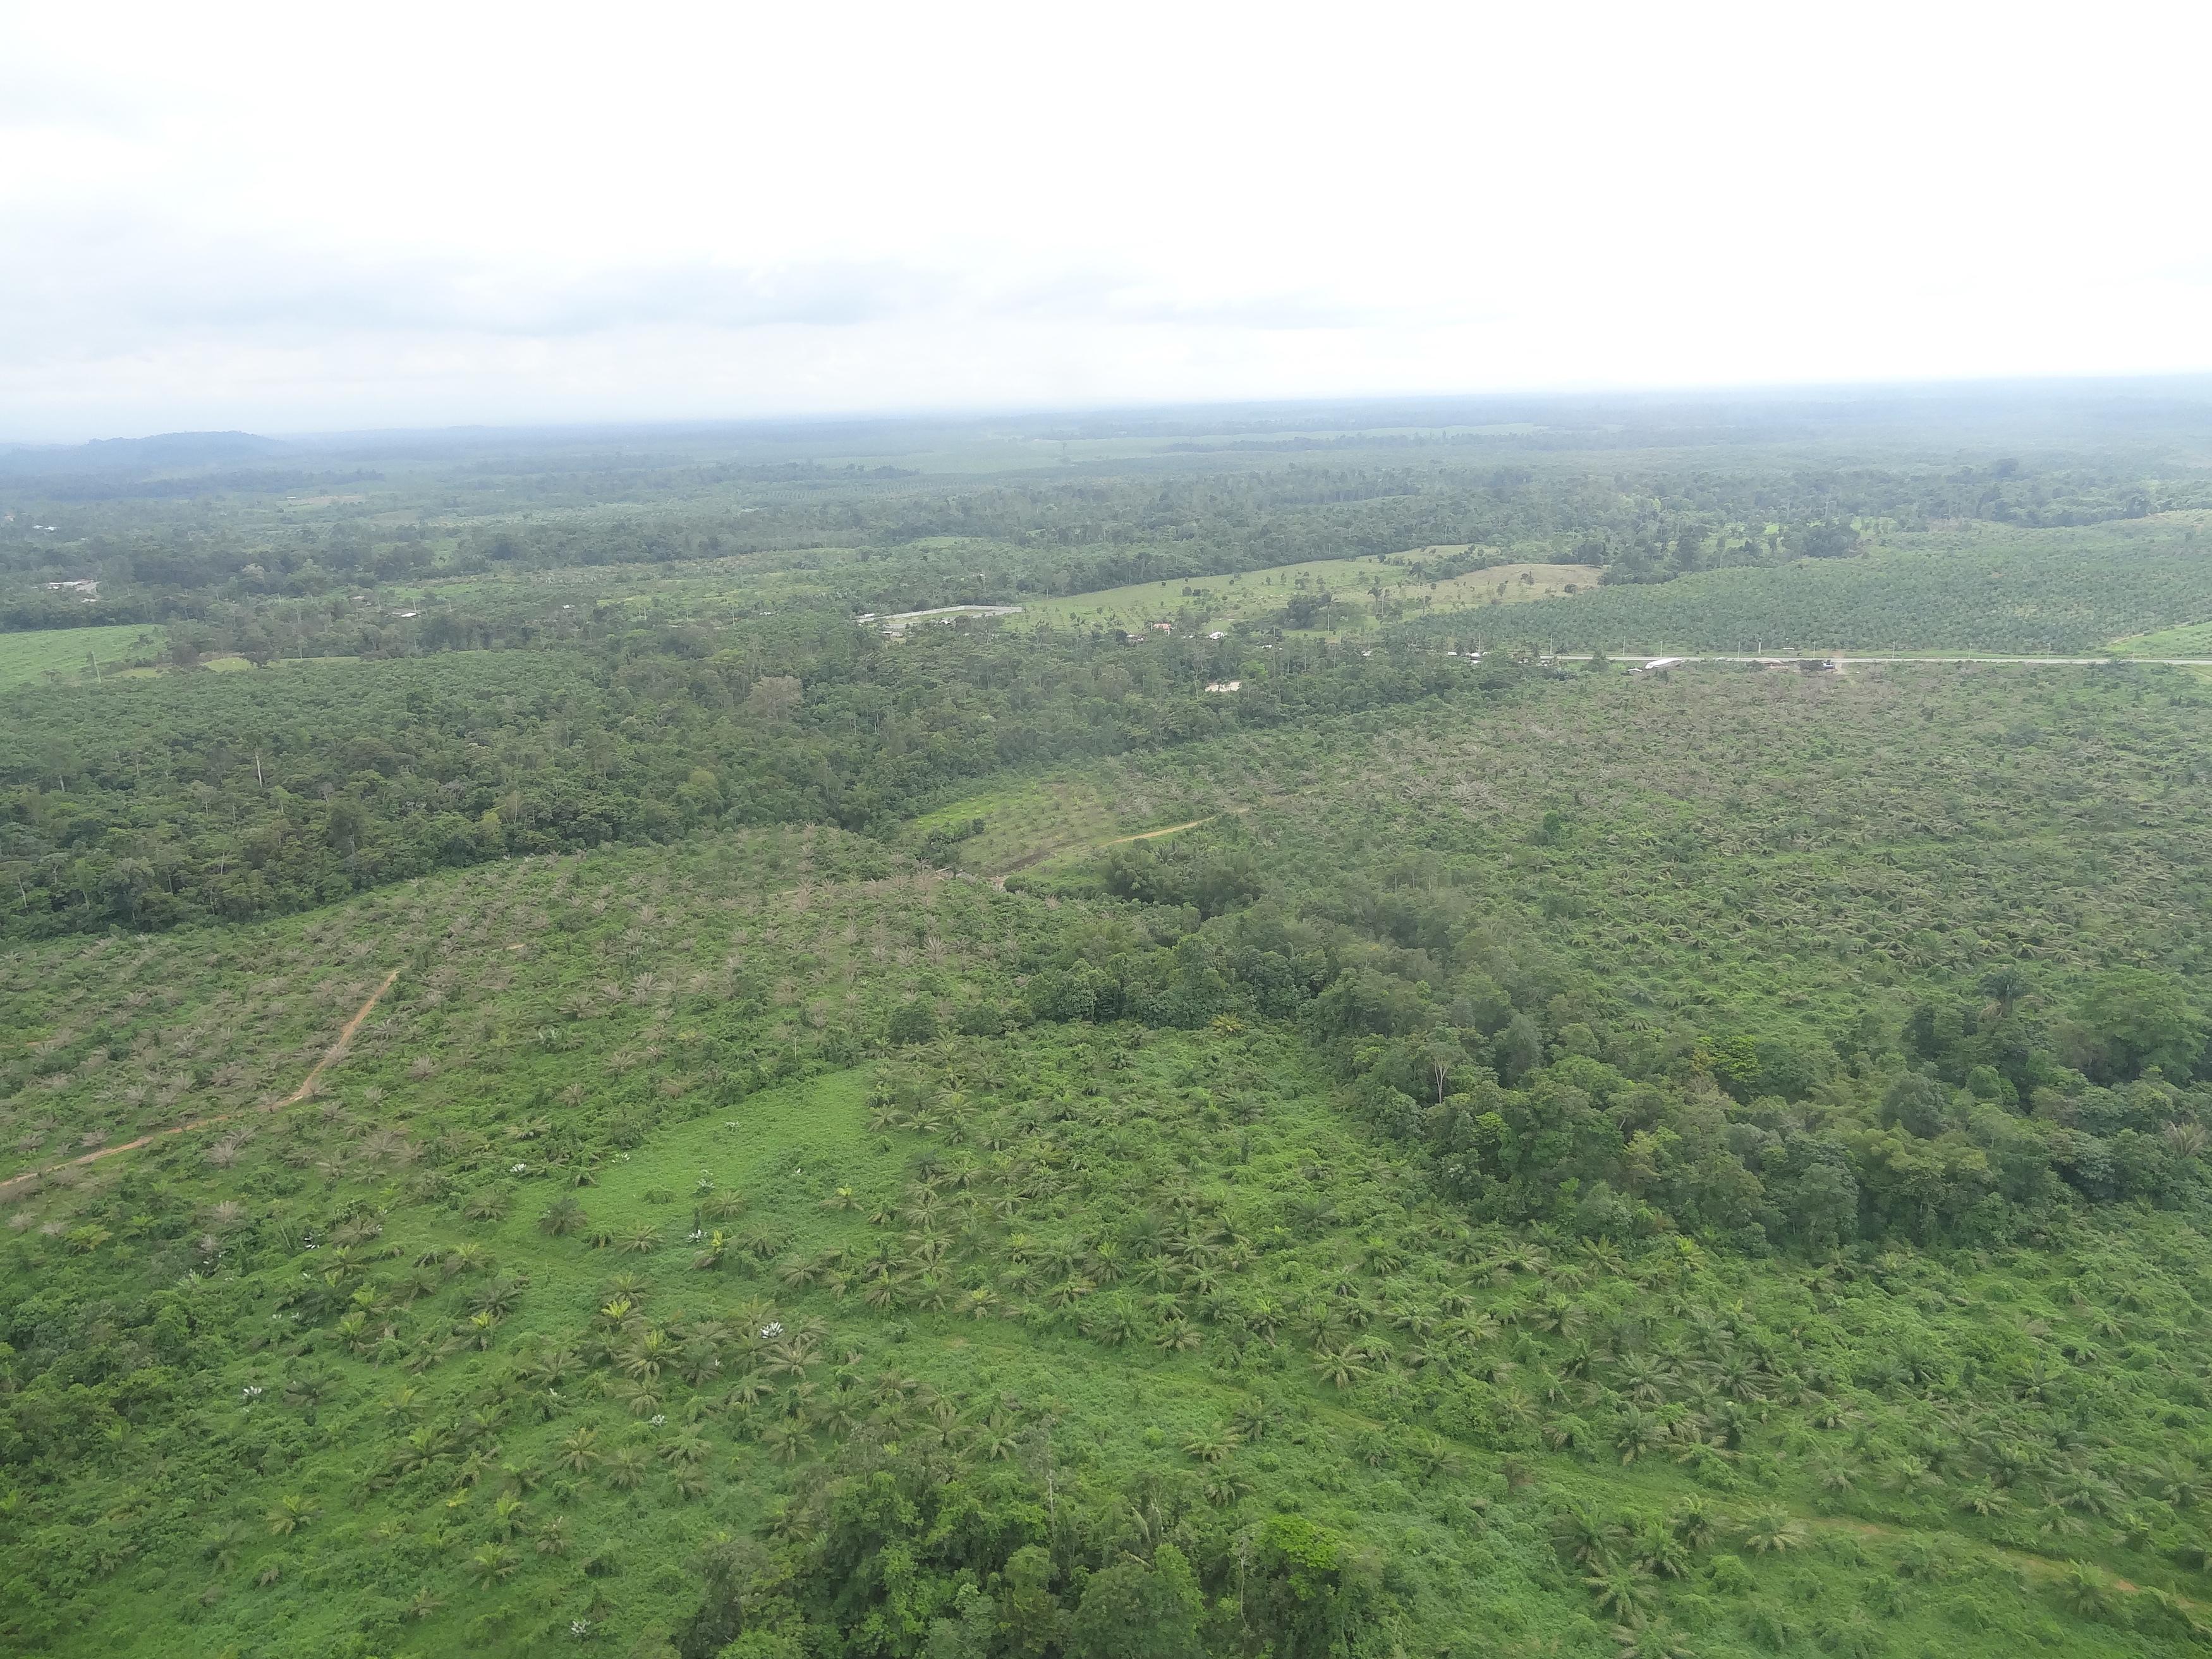 Palma de aceite en Ecuador. La palma se asocia como uno de los agentes deforestadores de los bosques en la provincia de Esmeraldas. Foto: Eduardo Rebolledo.